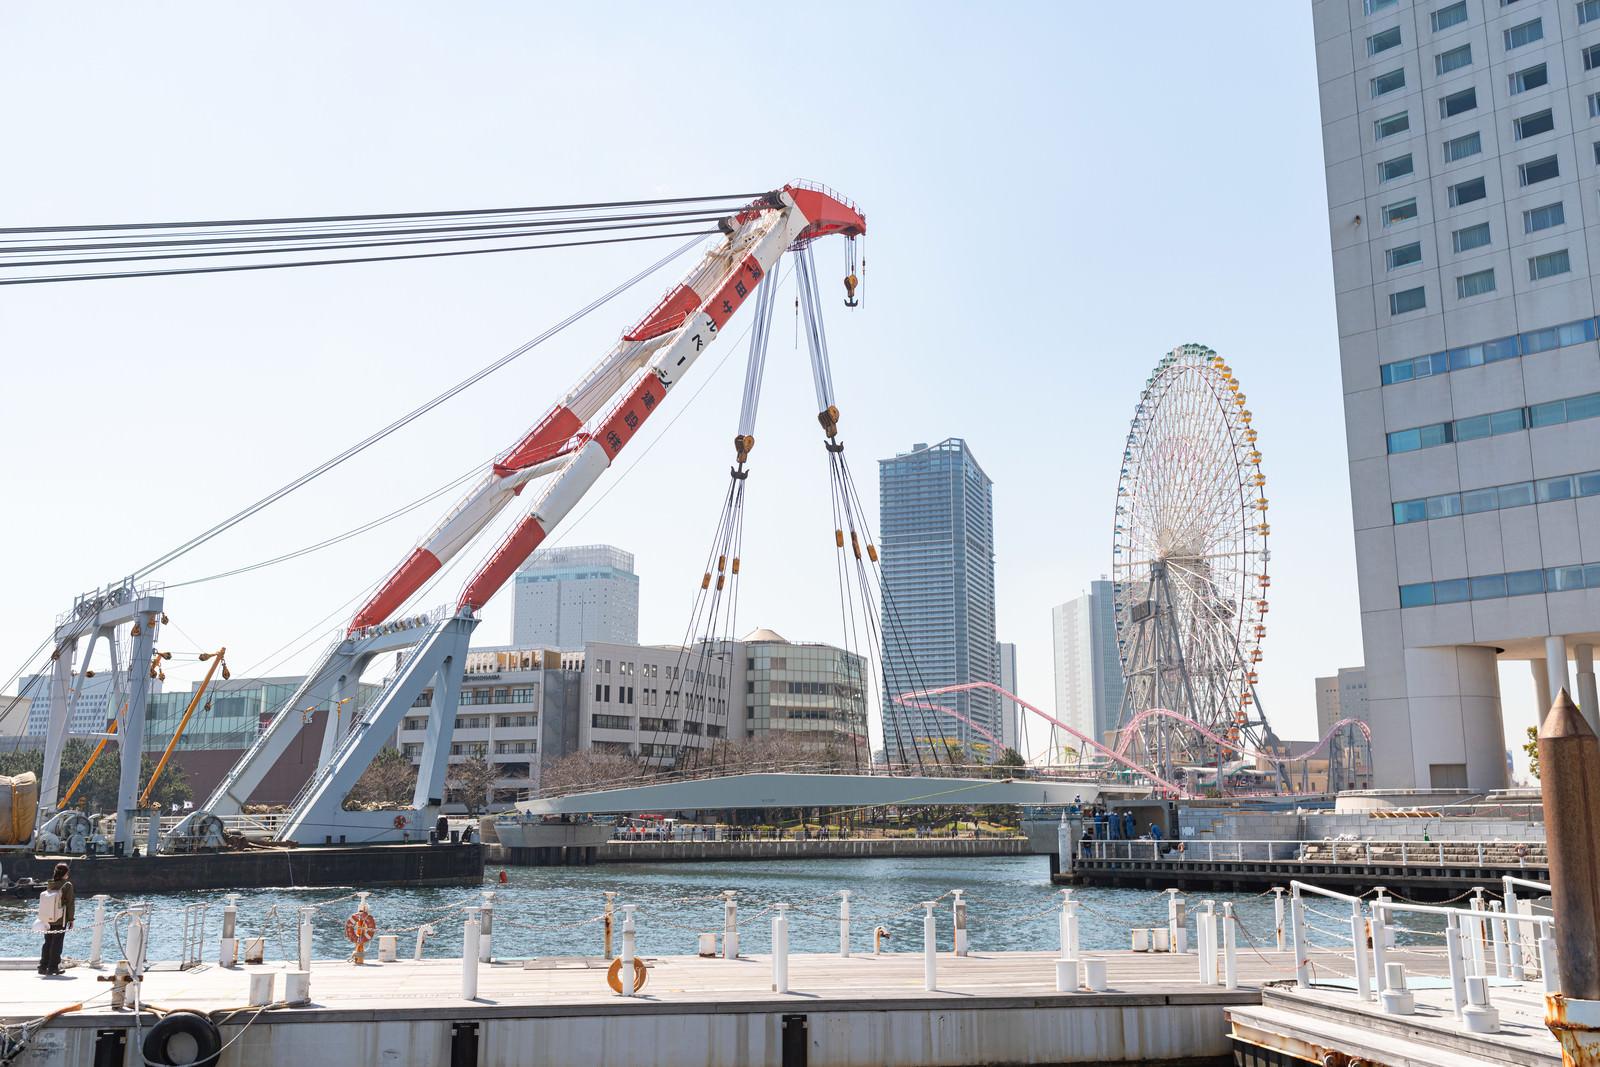 「MM21地区の新設デッキ「女神橋」をクレーンで吊るす様子」の写真